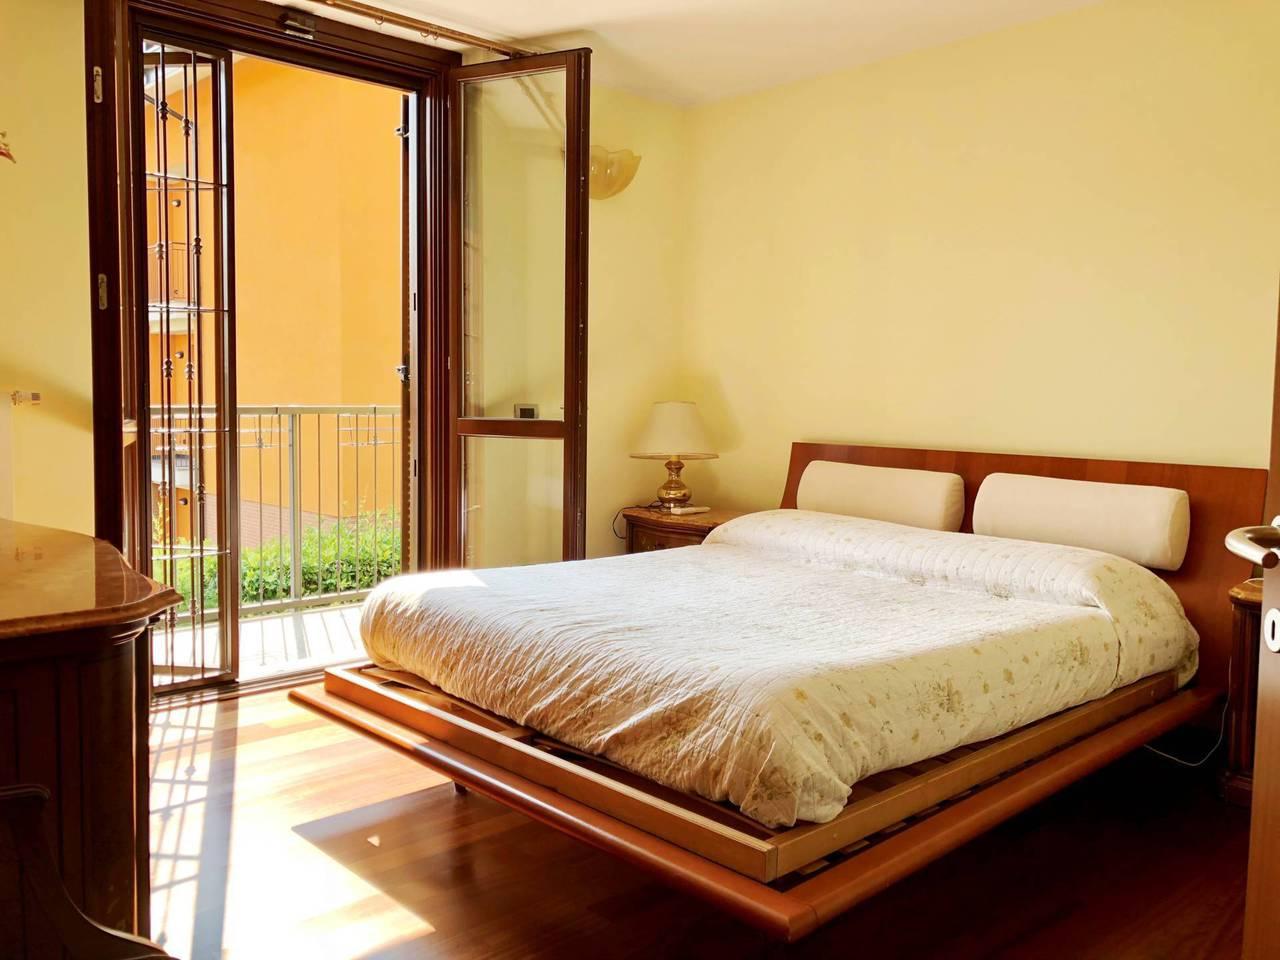 Villa-in-vendita-a-Mezzago-in-Brianza-16